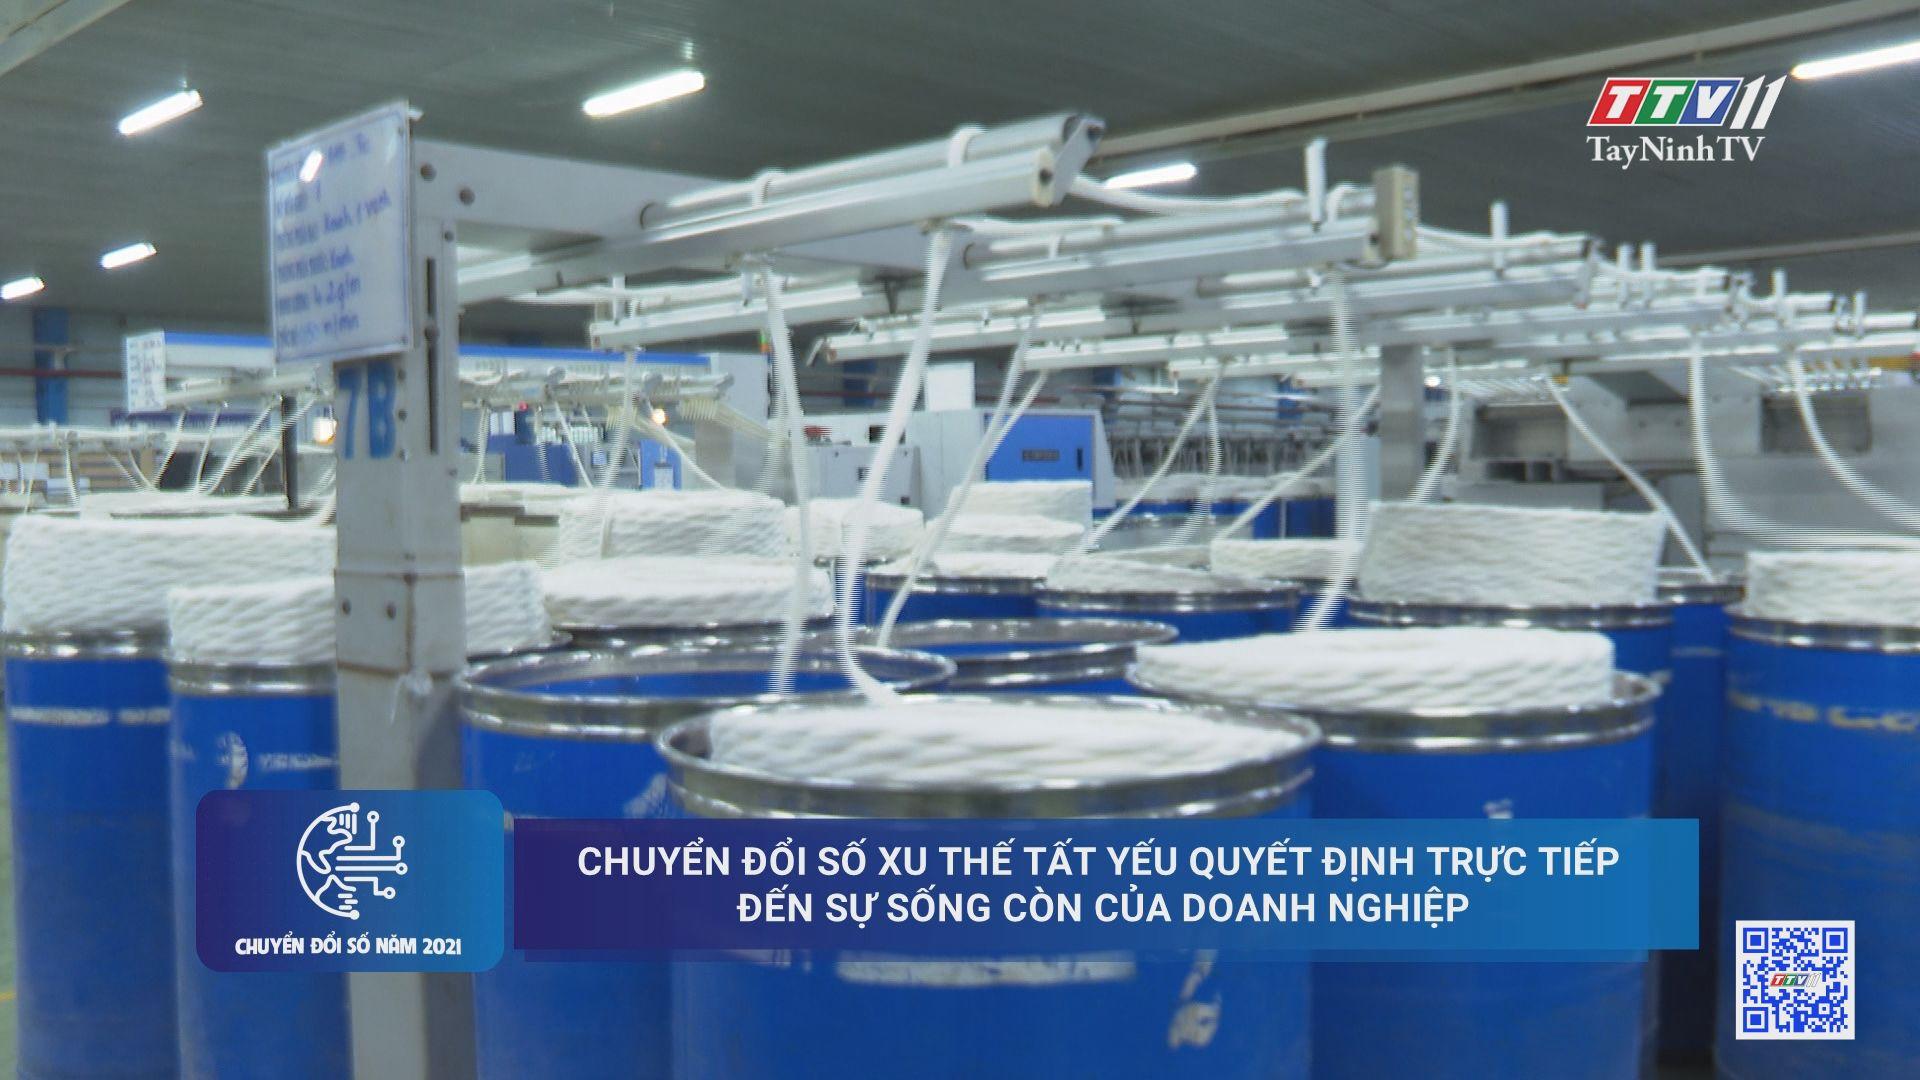 Chuyển đổi số xu thế tất yếu quyết định trực tiếp đến sự sống còn của doanh nghiệp | CHUYỂN ĐỔI SỐ | TayNinhTV